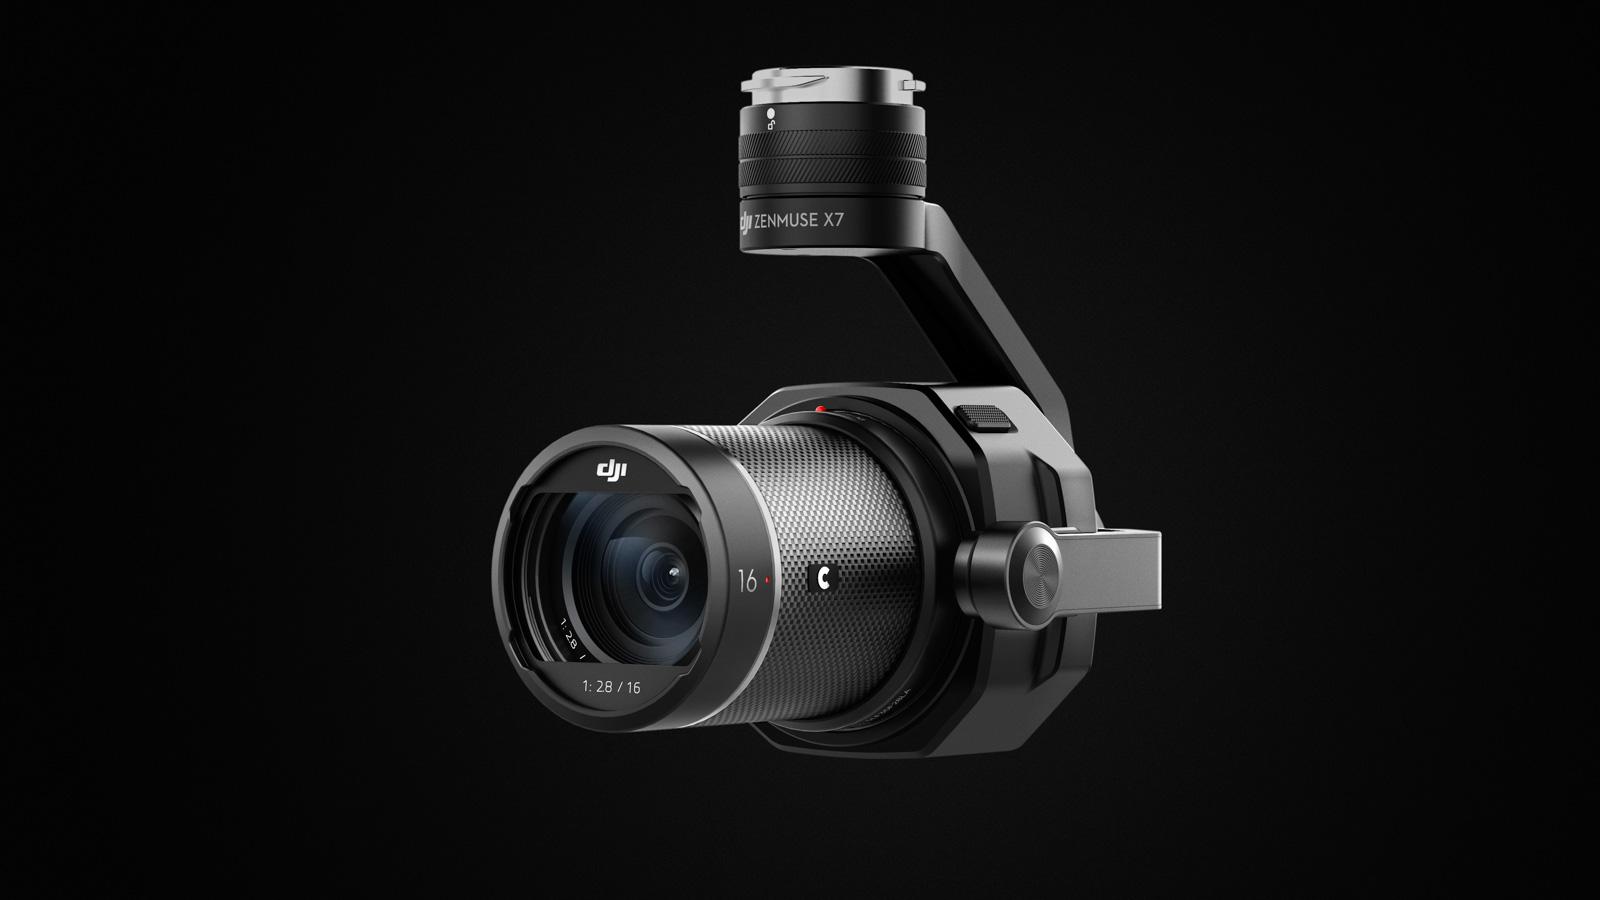 DJI Zenmuse X7 kamera för drönare